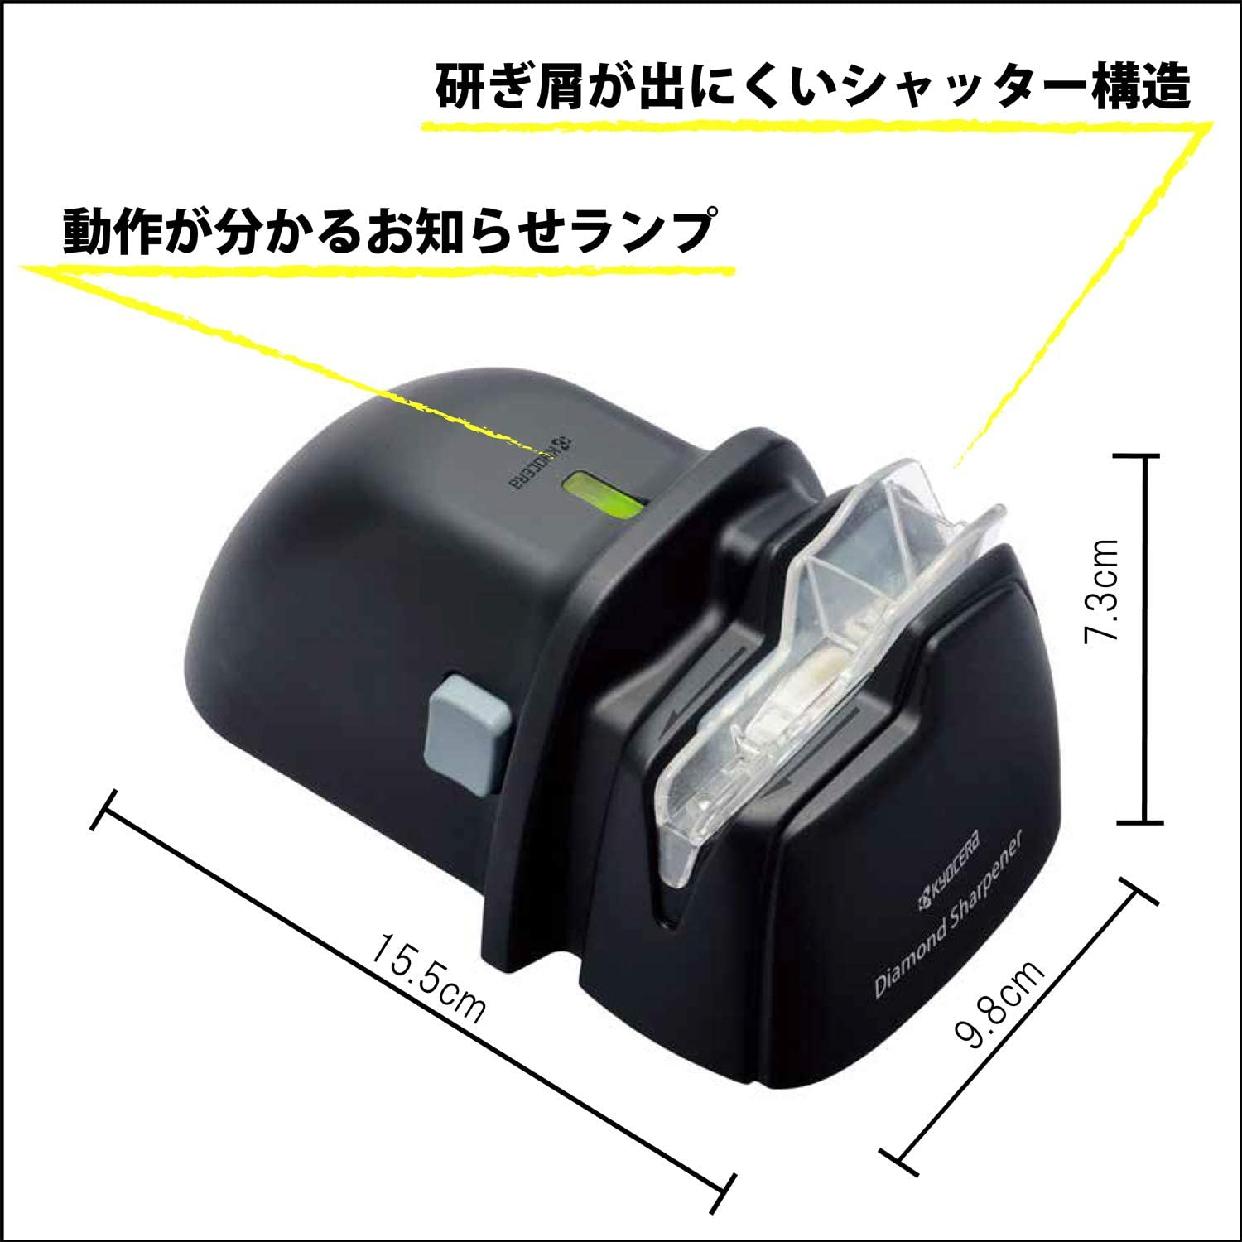 京セラ(KYOCERA) 電動ダイヤモンドシャープナー ブラック DS-38の商品画像